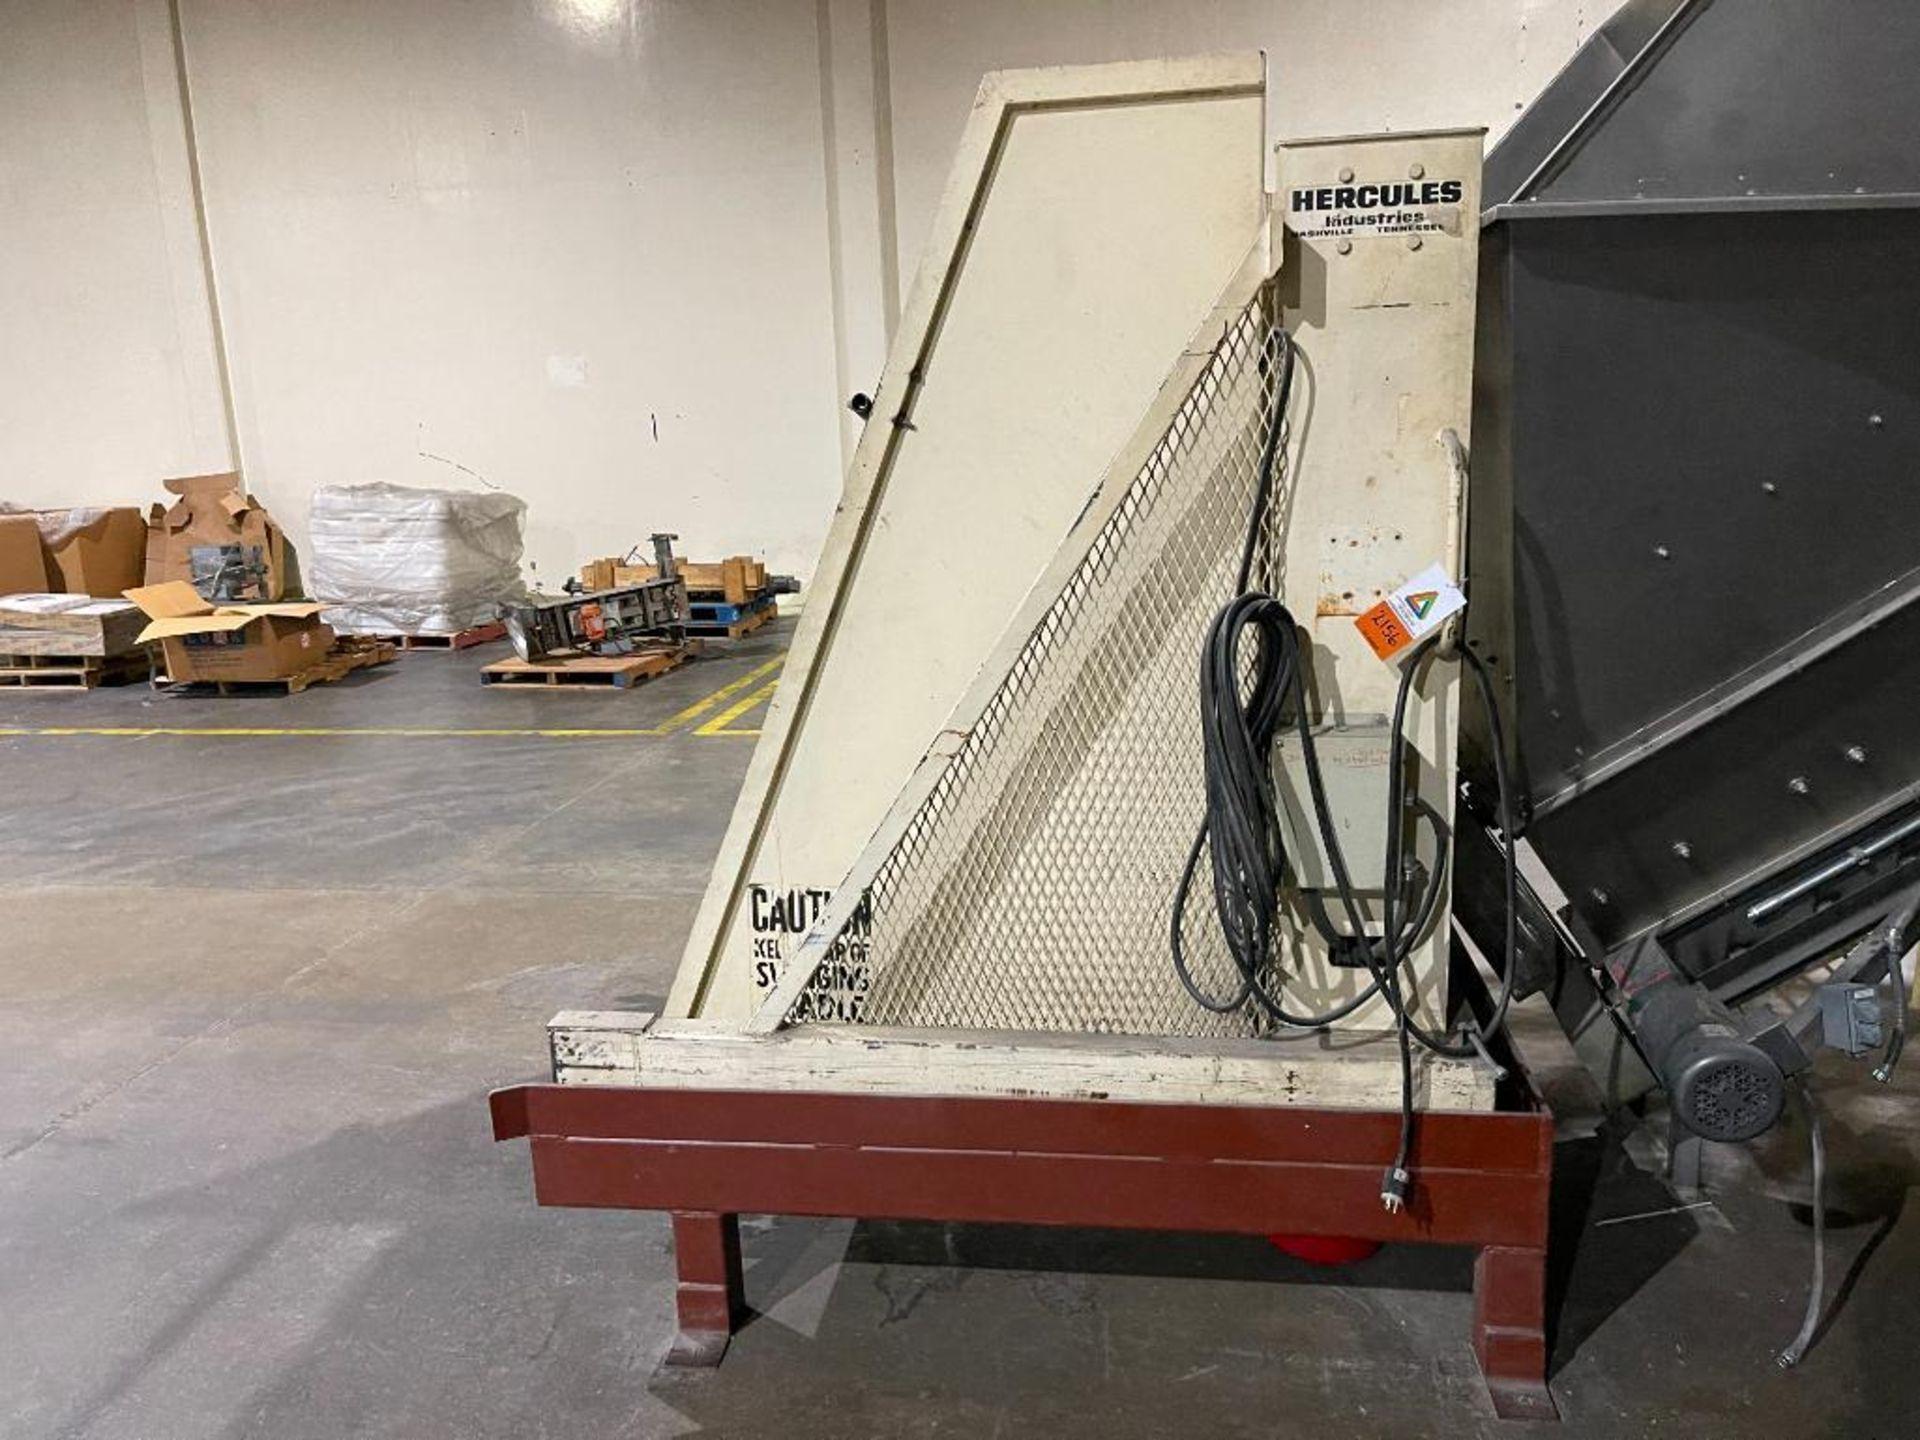 Hercules tote dump, 2,000 LB capacity - Image 2 of 11